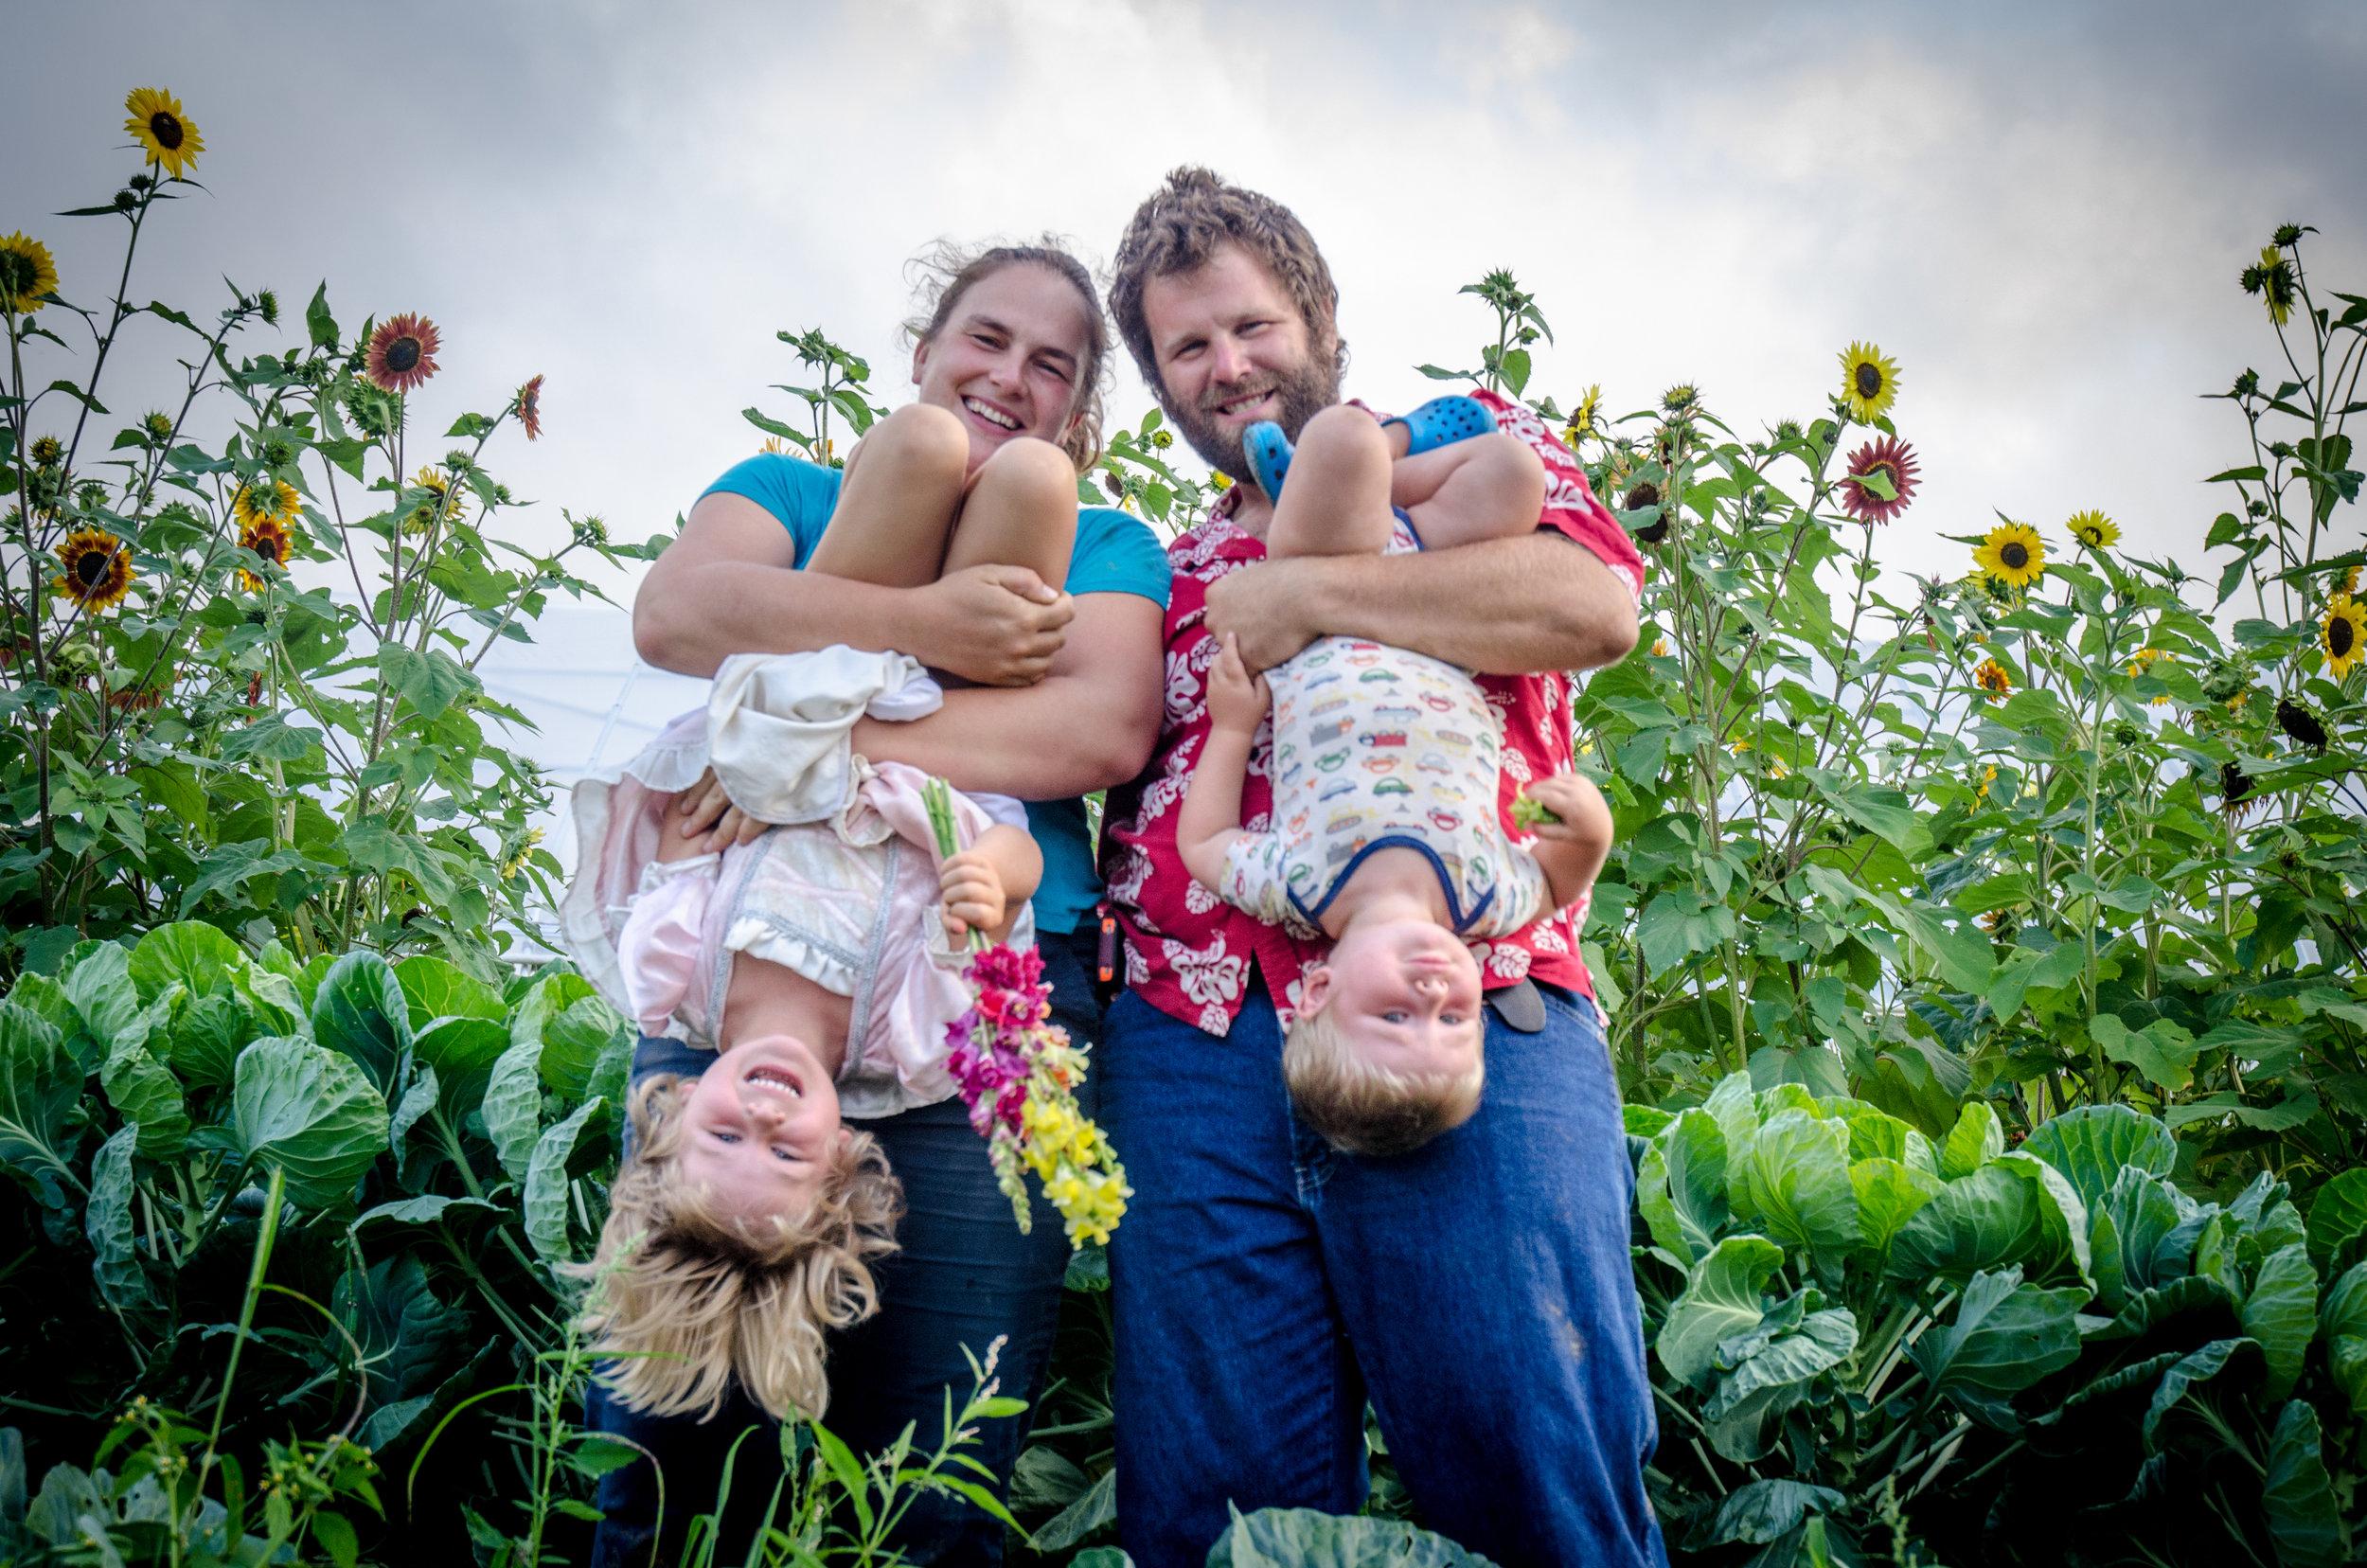 bahner farm pic.jpg